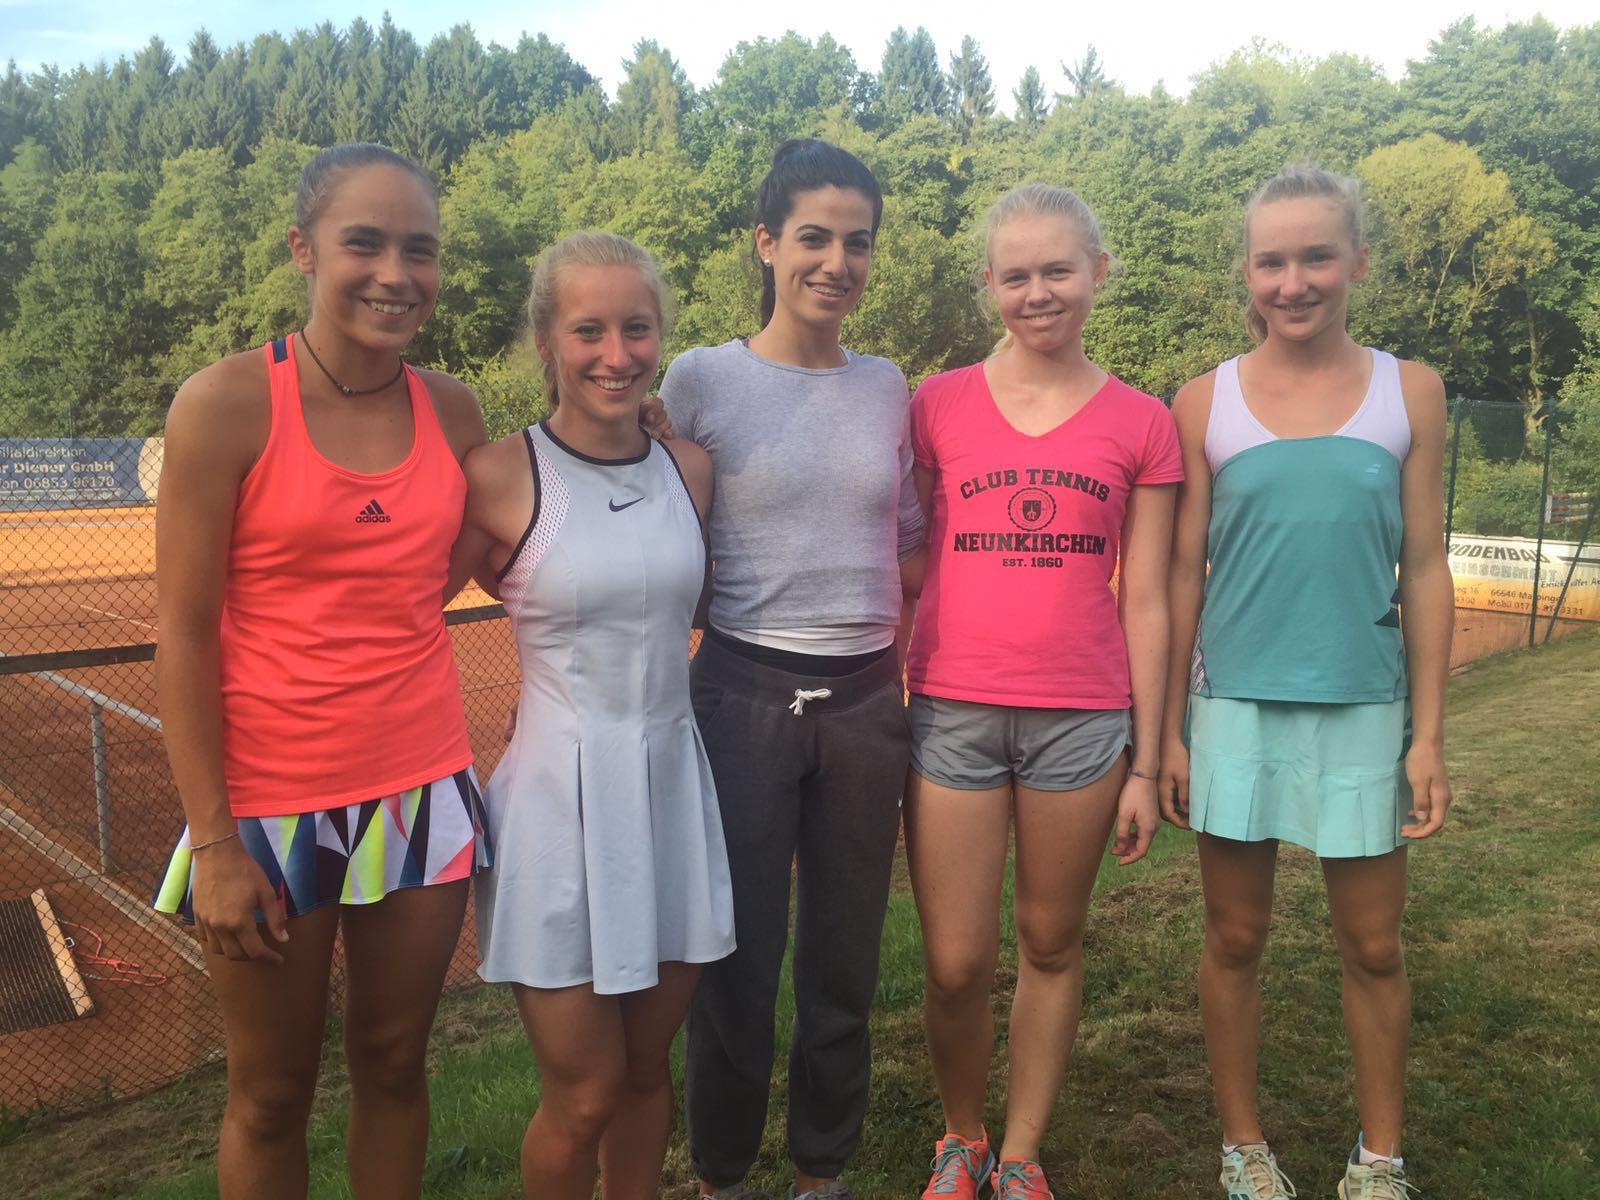 Die Meistermannschaft (v.l.n.r.): Sarah Müller, Isabel Benoit, Ambika Jashari, Hanna Müller, Julia Traub. Es fehlen Aiva Schmitz und Vivienne Janzam.